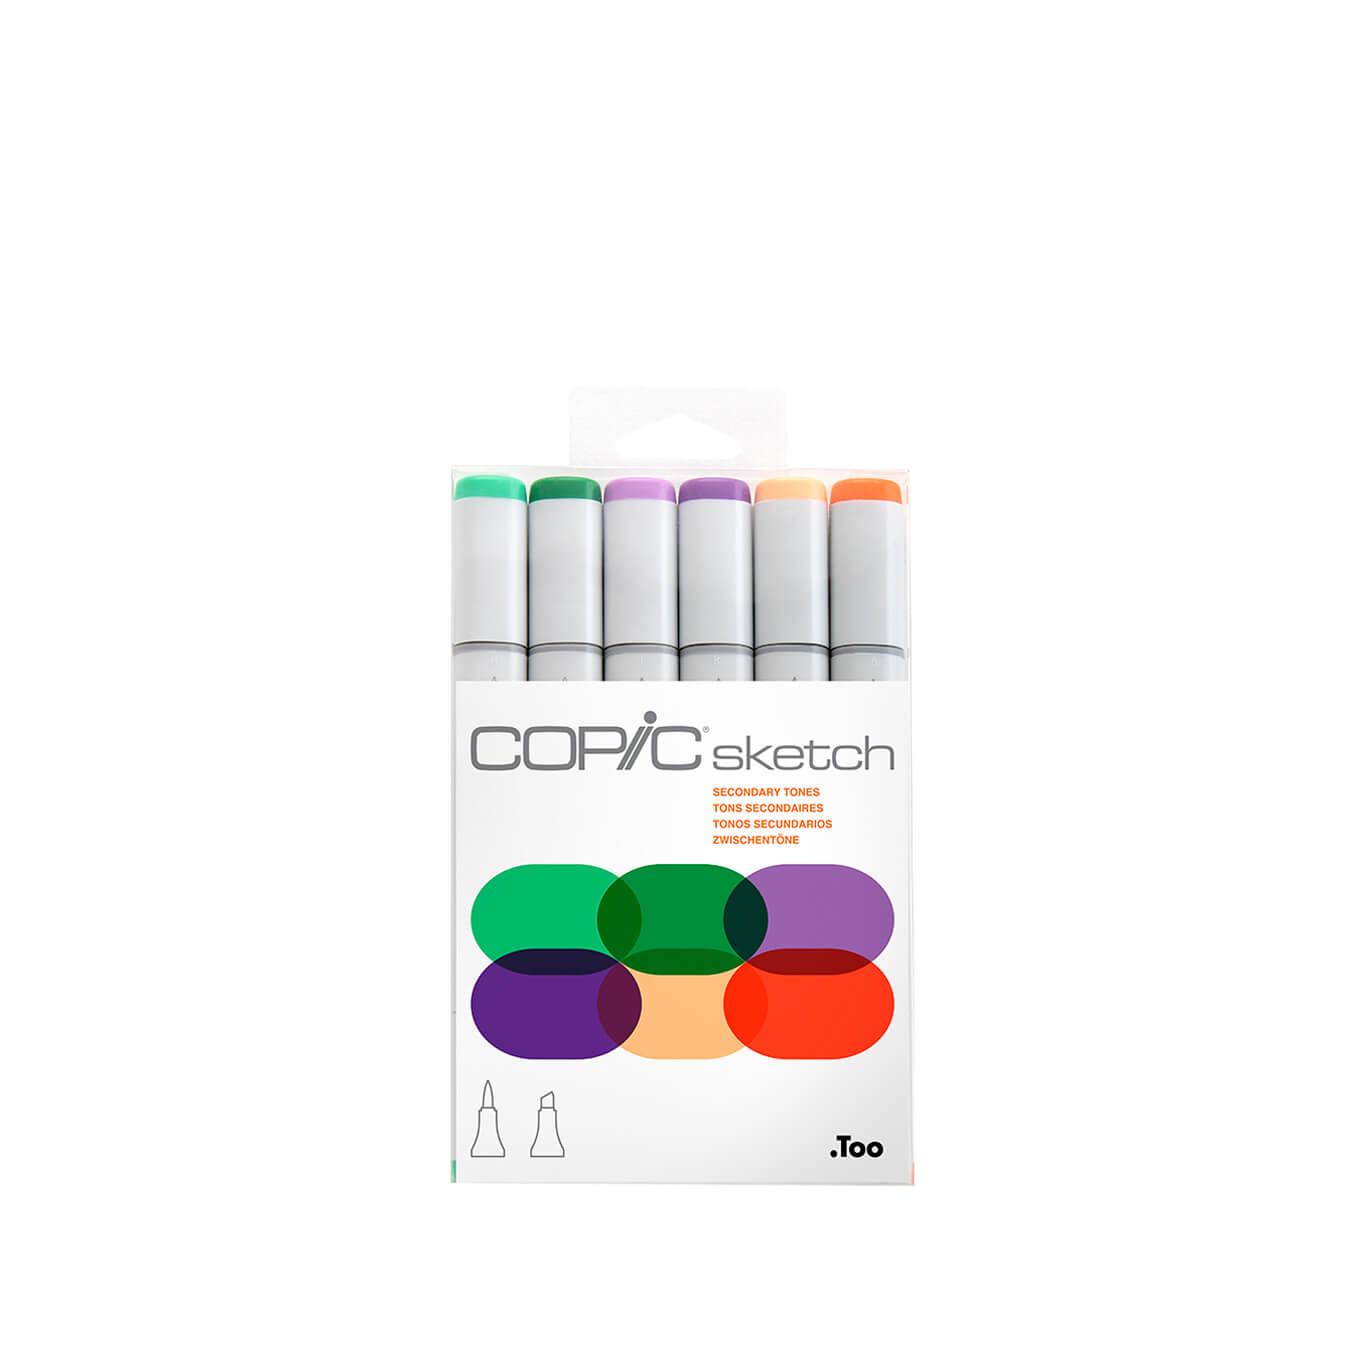 Copic Sketch 6 colors set Secondary Tones